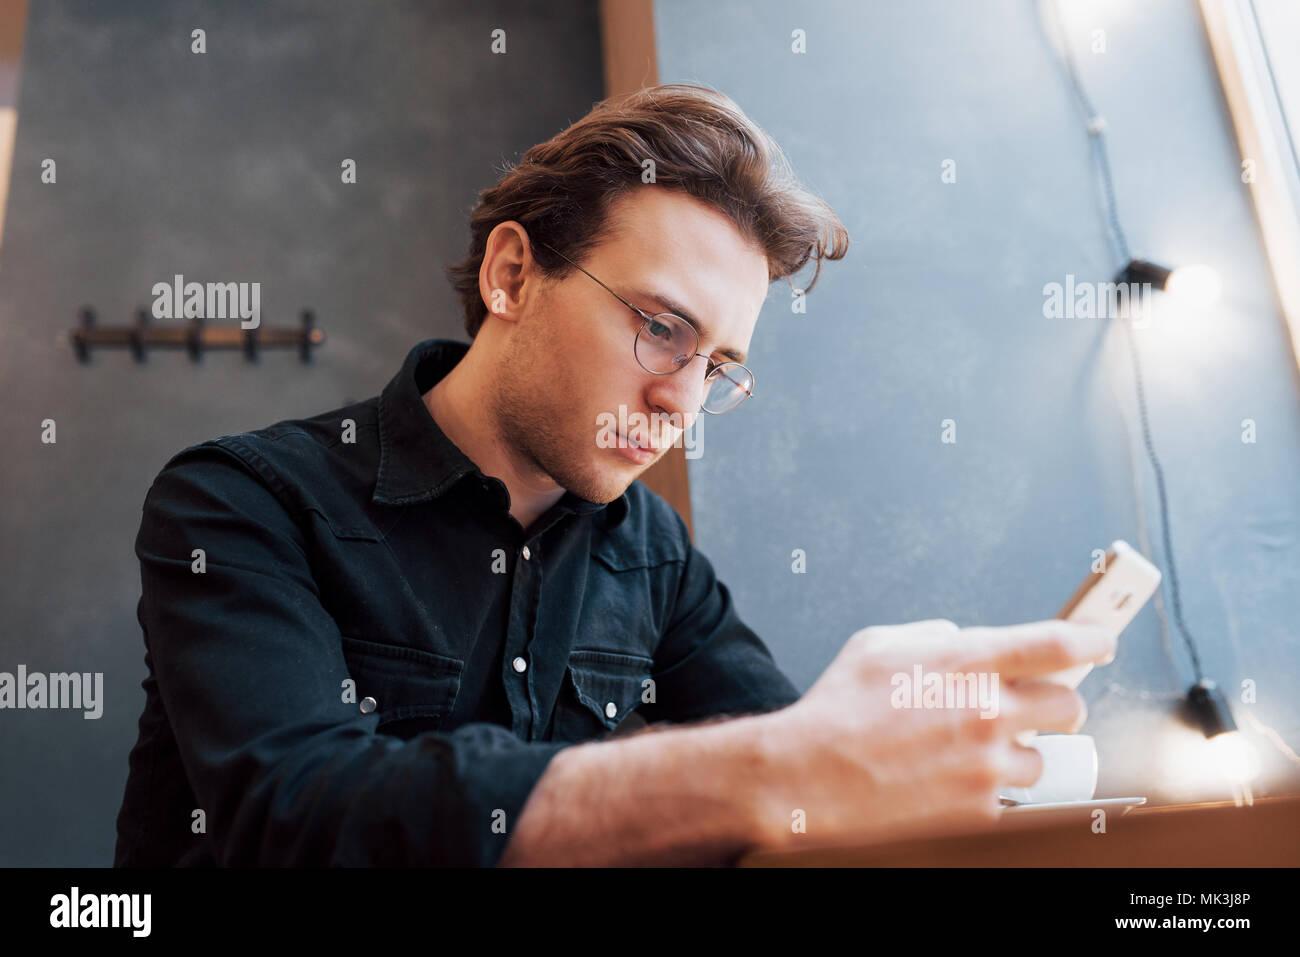 Close-up di man ha ricevuto buone notizie su smart phone, Uomo appoggiato al cafe e scrivere nuovi messaggi di posta, sfondo sfocato, shallow DOF Immagini Stock